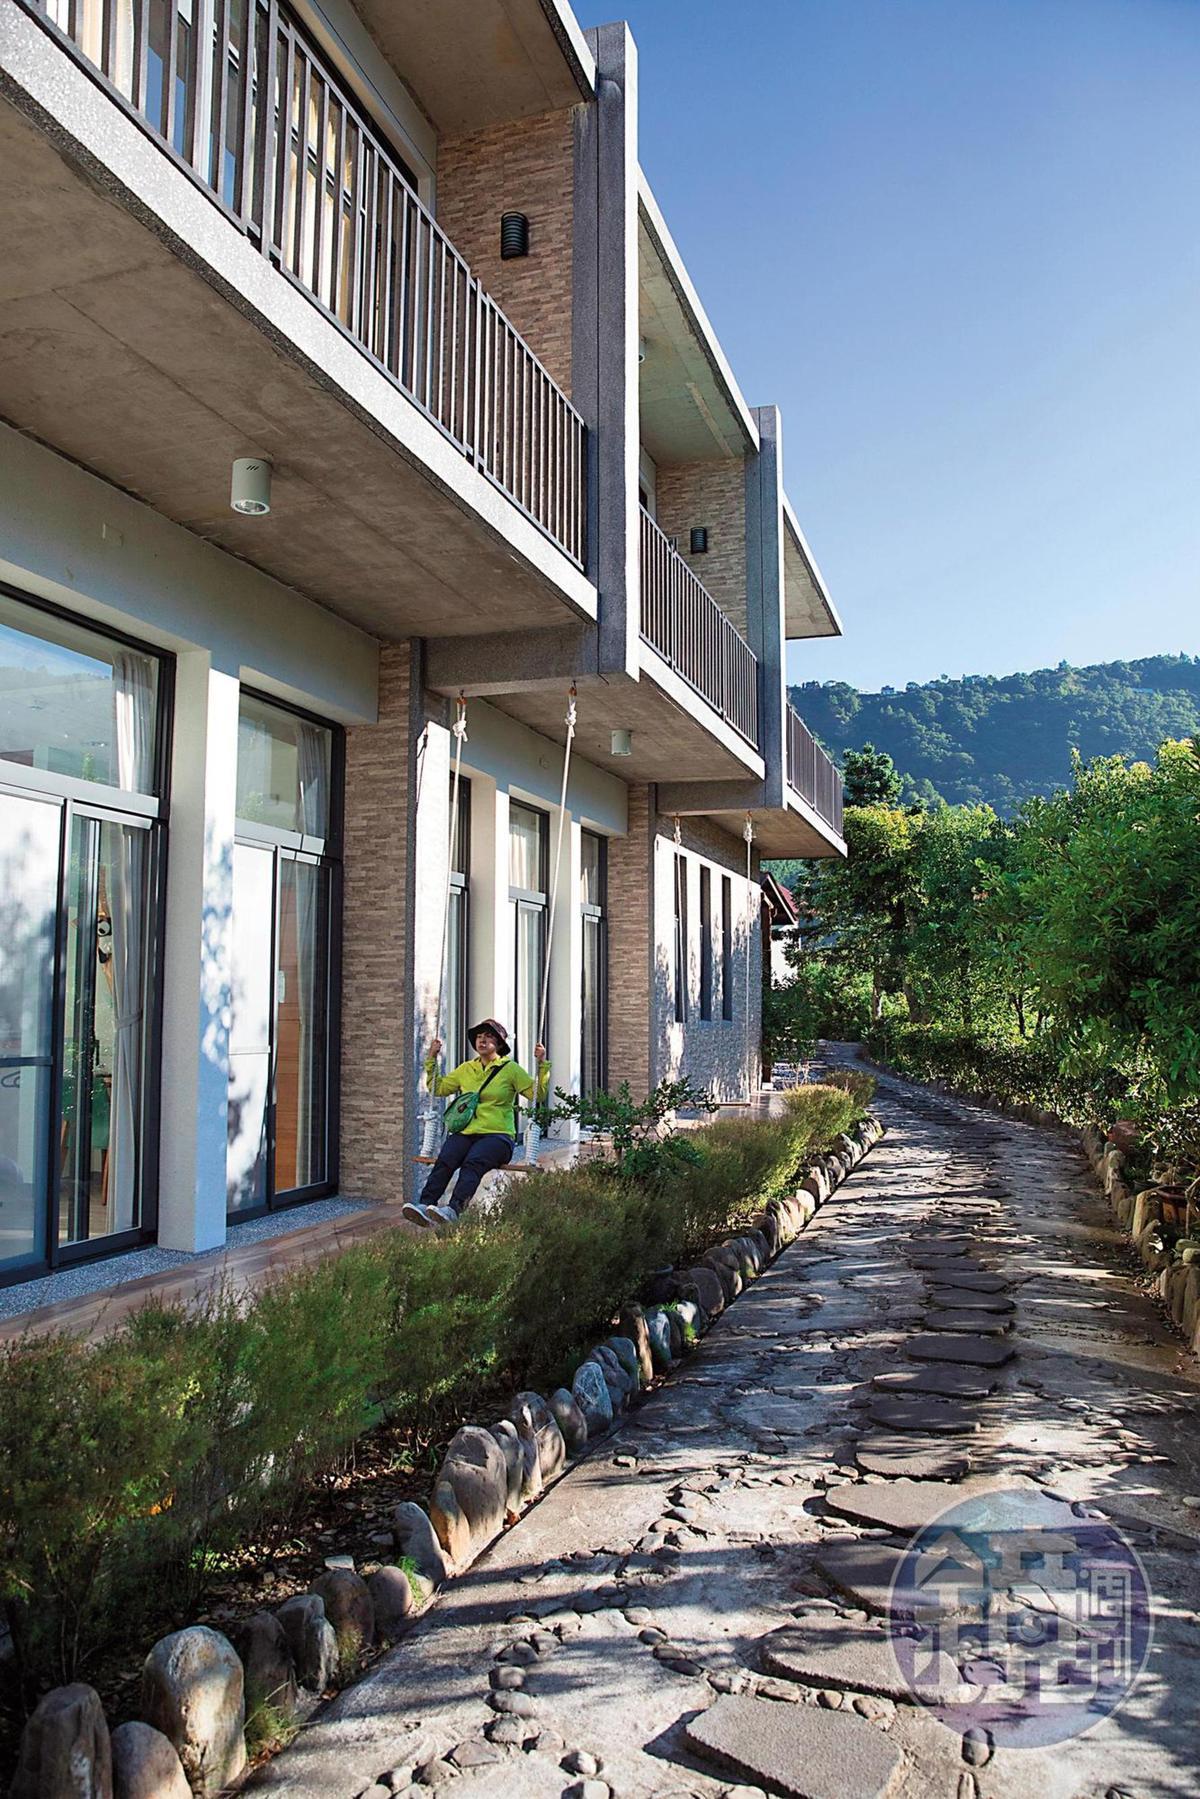 「谷點咖啡民宿」不同於拉拉山上的木屋,設計較為現代化。